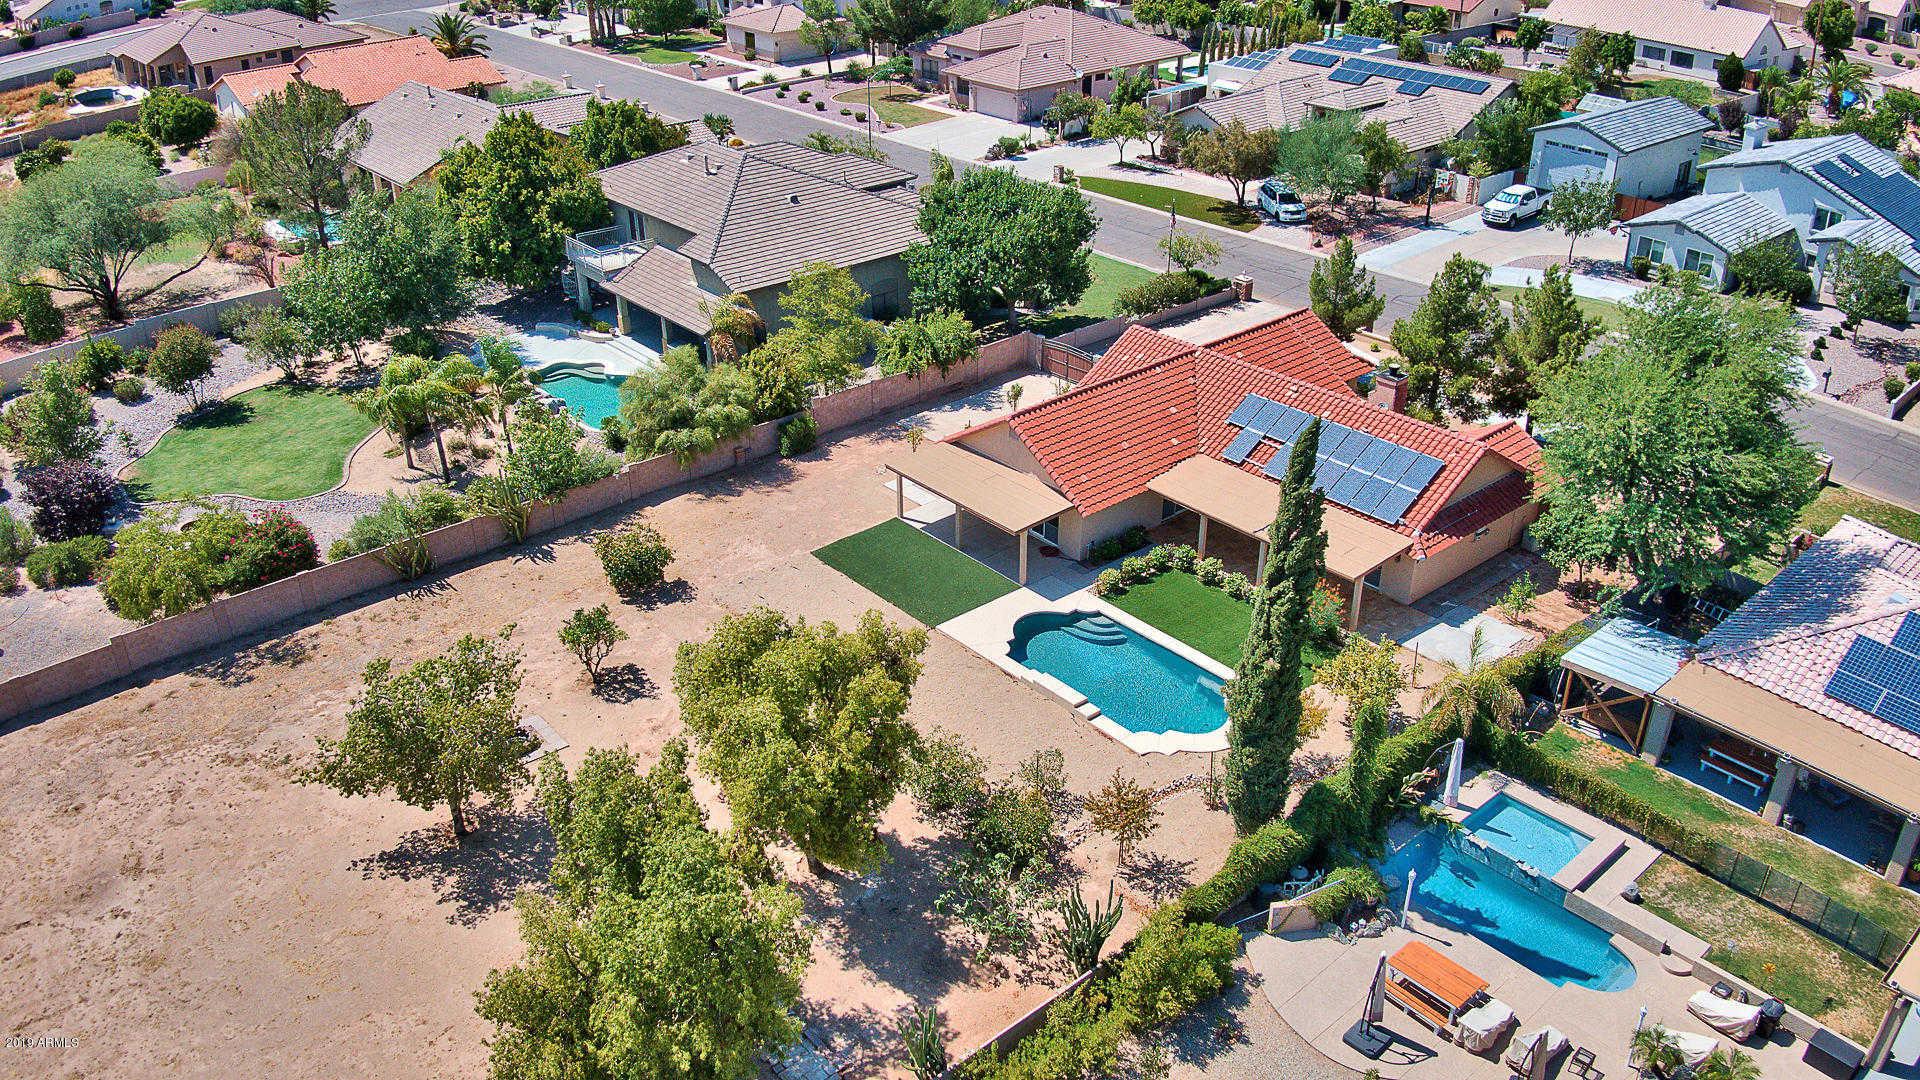 $489,000 - 4Br/3Ba - Home for Sale in Northwood Glen Lot 1-178, Glendale